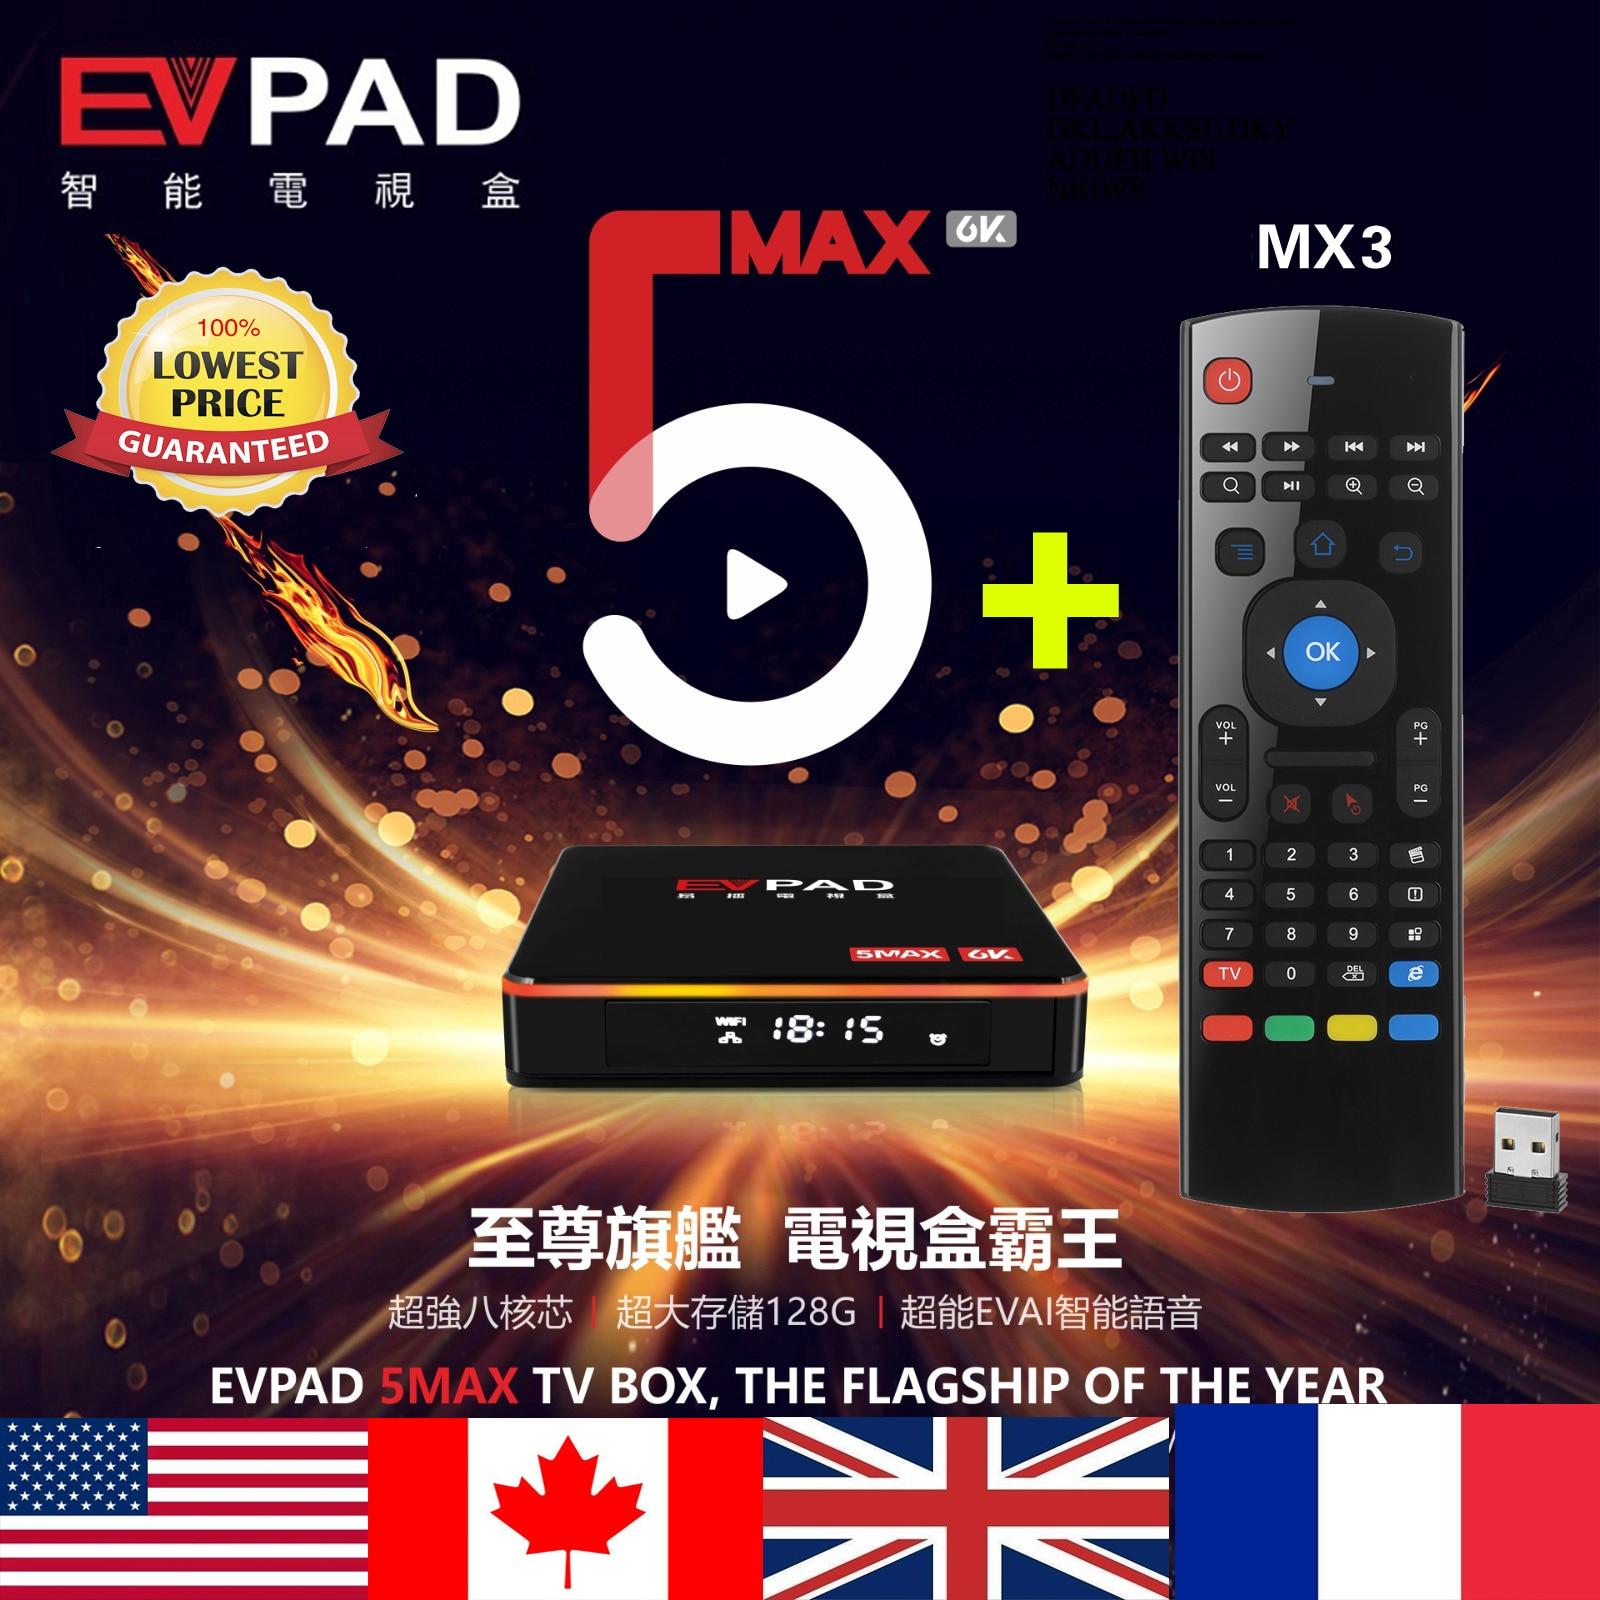 EVPad 5MAX 4G + 128G голос Управление AI интеллигентая (ый) Android TVBox TV_BOX 5MAX 6K 2,4 ГГц и 5G WI-FI Bluetooth каналов IPTV + Фильмы